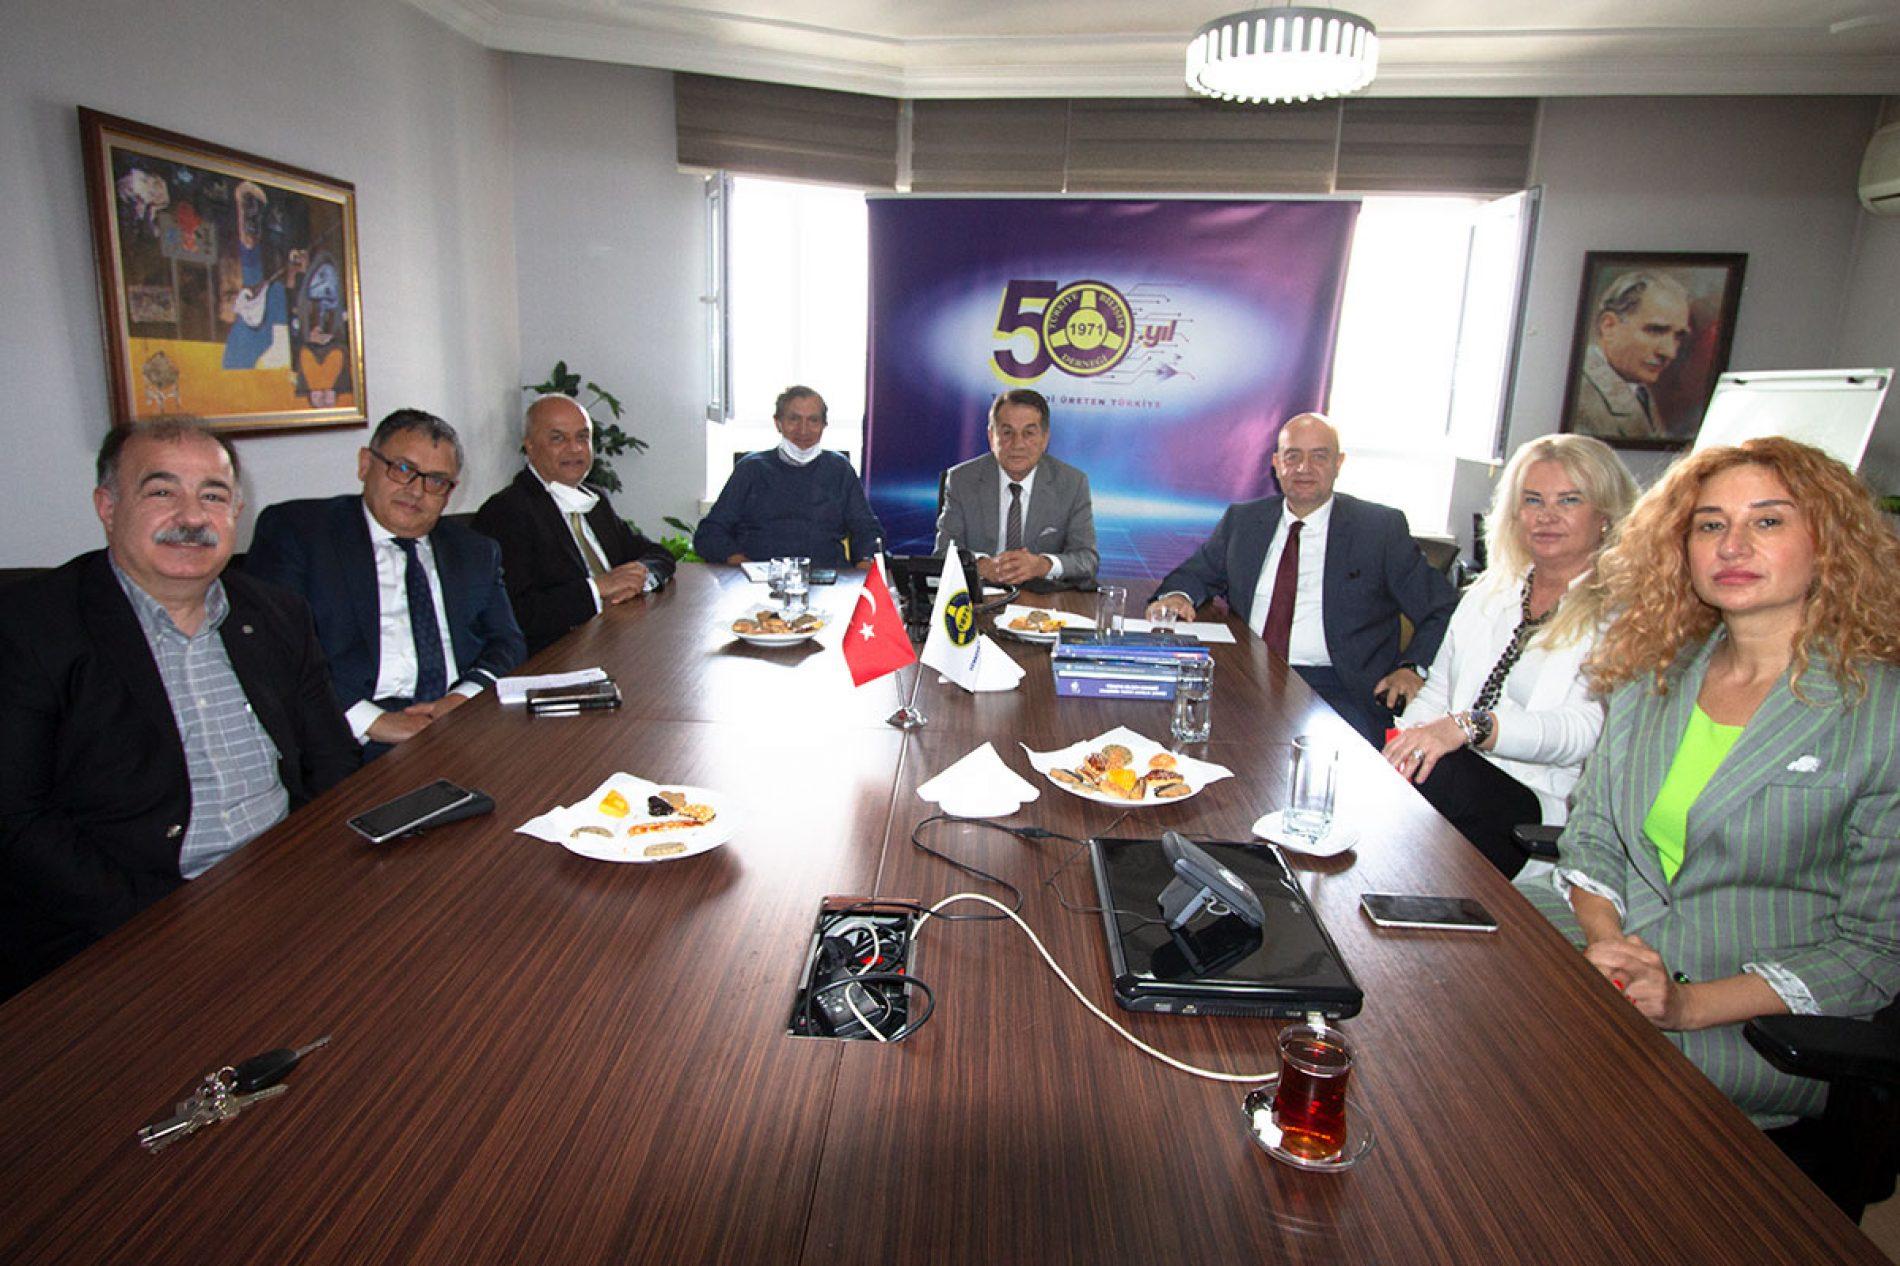 Evrensel Değerler Ve Dostluk Platformu (EDDP) TBD Genel Başkanı Sn. Rahmi AKTEPE ve TBD İcra Kurulu Başkanı Sn. Dr. Aydın KOLAT'ı Ziyaret Etti